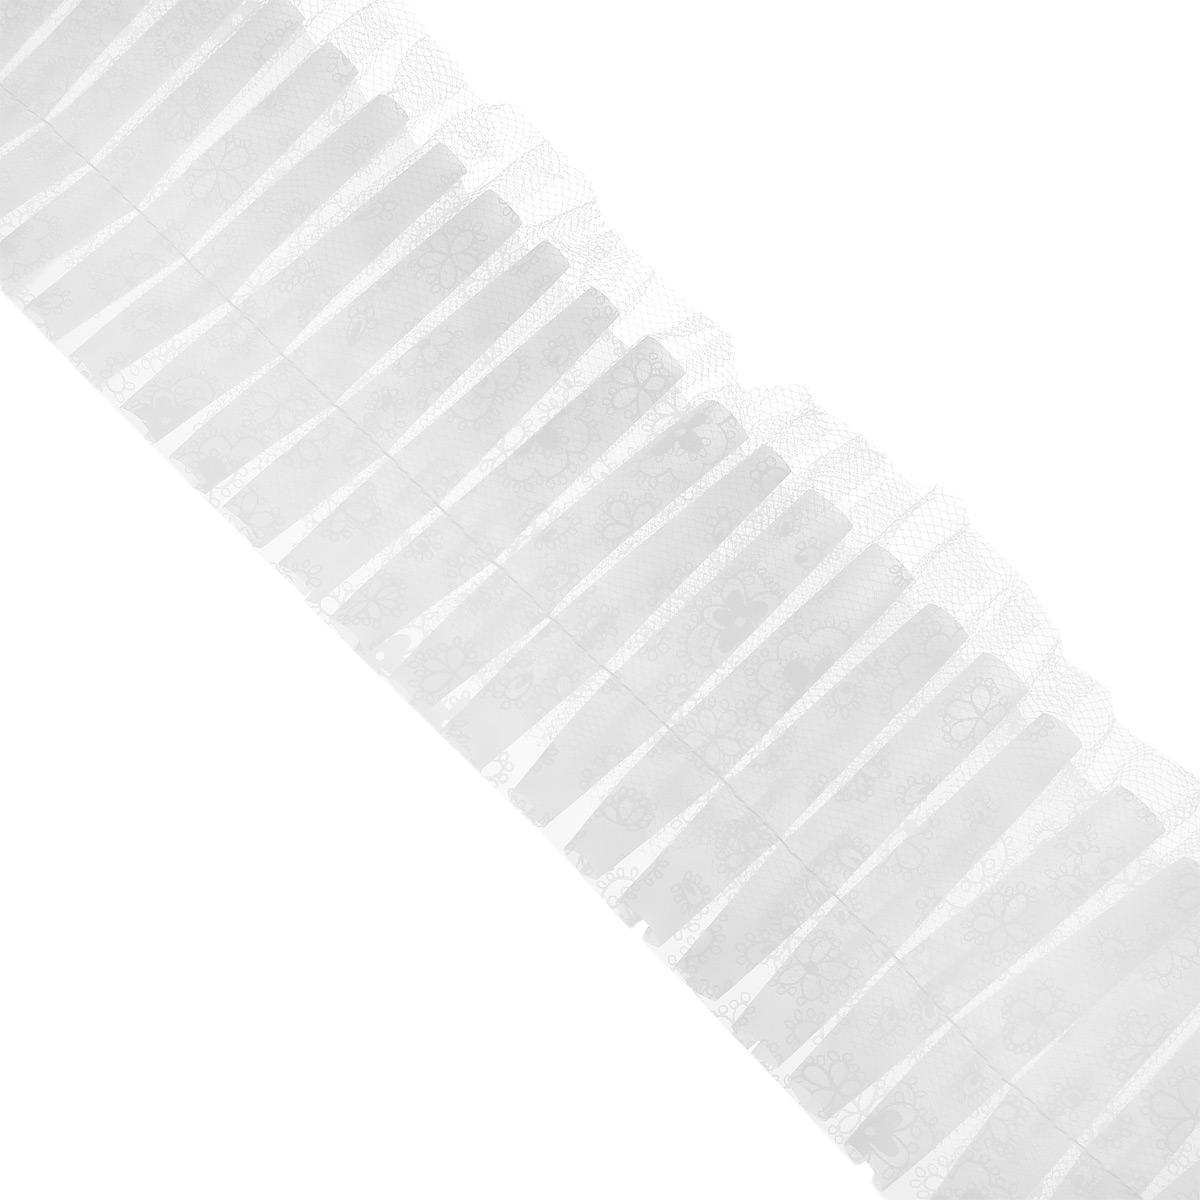 Кружево для украшения тортов Wilton, цвет: белый, ширина 7,6 см, длина 183 см54 009305Кружево Wilton предназначено для украшения кондитерских изделий. Изделие крепится на край подноса или подставки под торт. Кружевная лента на клеенчатой основе, ее можно мыть.Ширина: 7,6 см. Длина: 183 см.